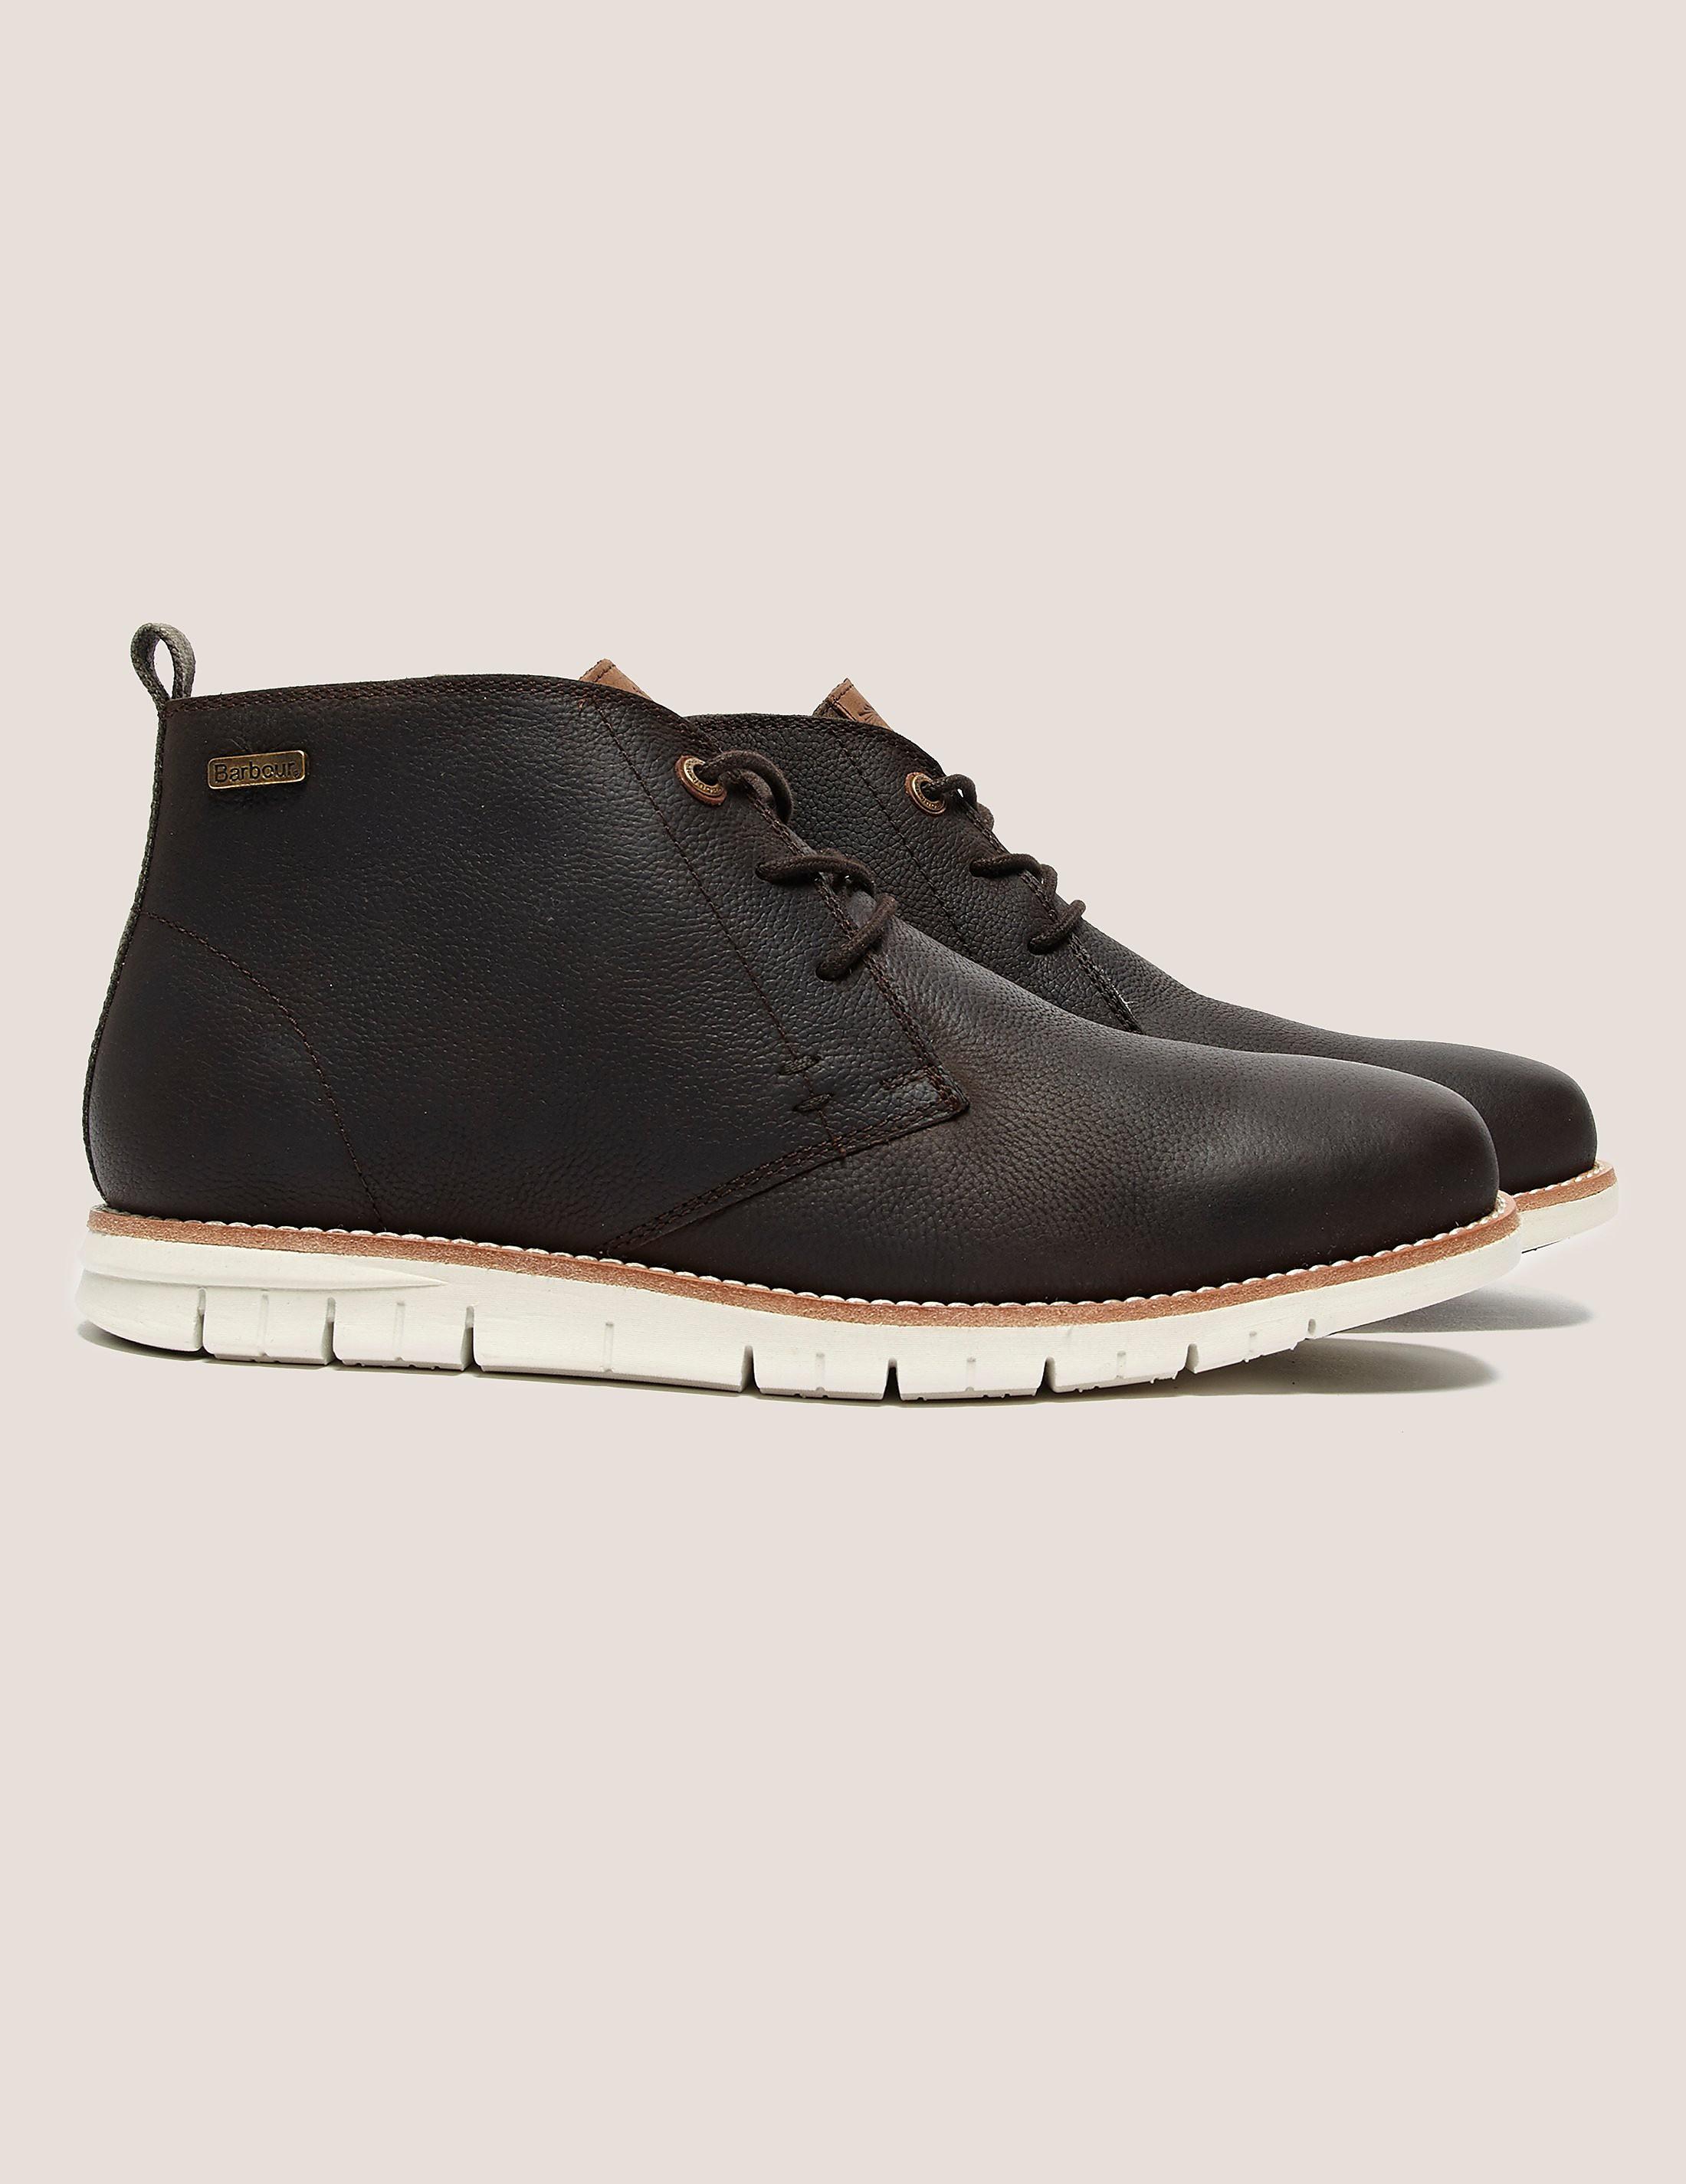 Barbour Shackleton Boots